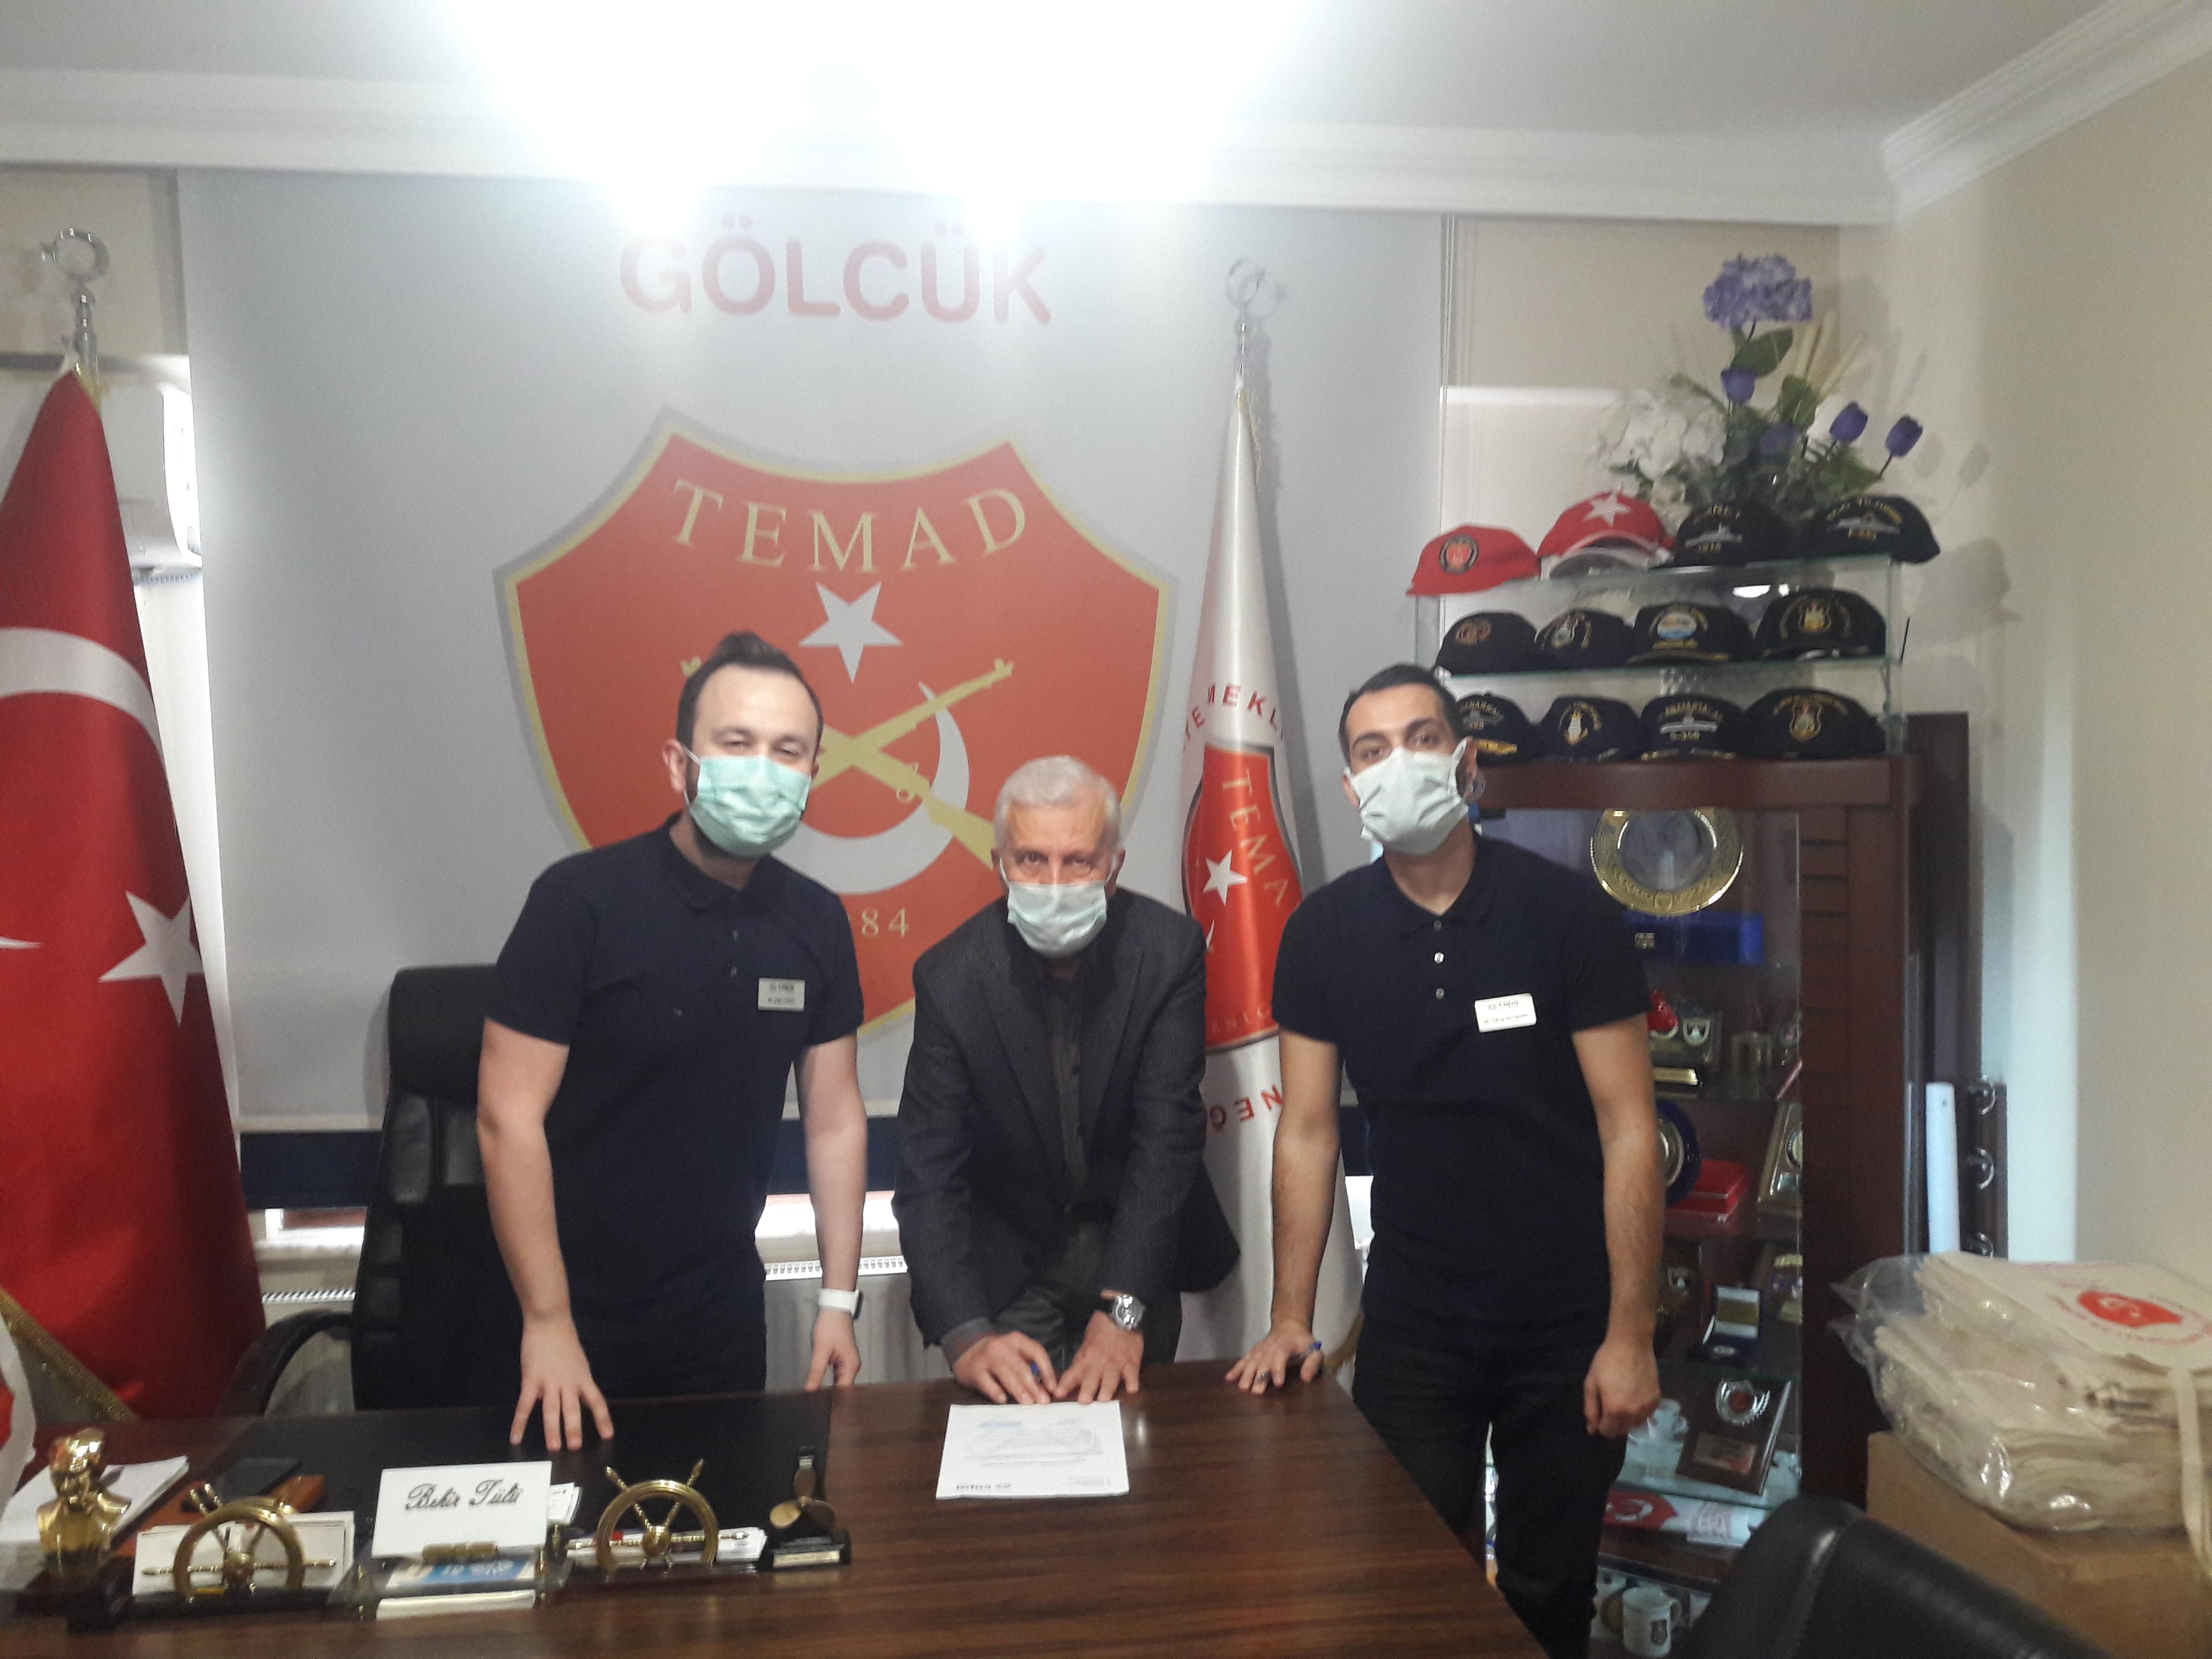 Uzm. Dr .Çağrı AKÇAY ve Dt. Yakup SOYDEMİR derneğimizi ziyaret etti ve Çapa Dental Studio ile üyelerimize yönelik indirim anlaşması yapılmıştır.